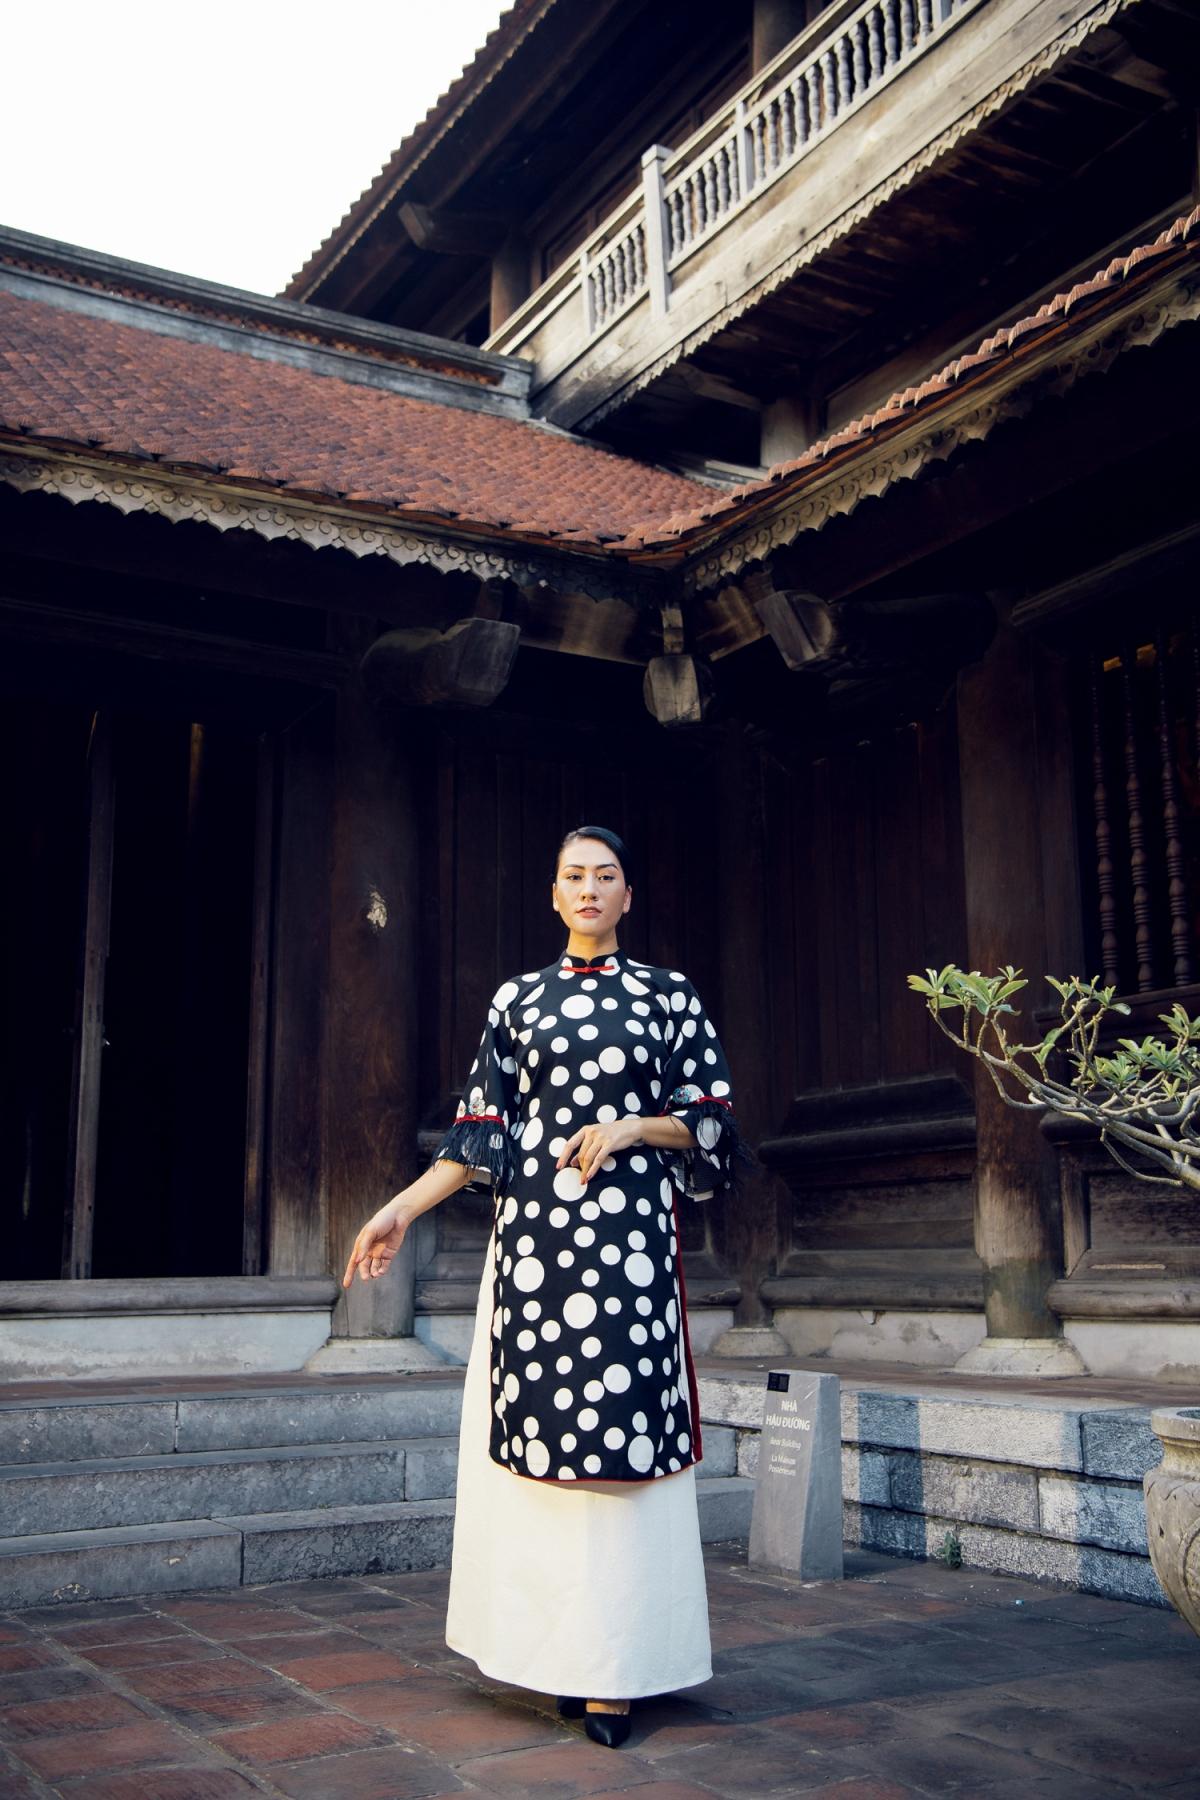 NTK Cao Minh Tiến giới thiệu đến công chúng bộ sưu tập áo dài lấy cảm hứng từ nghệ thuật hát bài chòi của Trung bộ Việt Nam đã được ghi danh là di sản văn hoá phi vật thể đại diện của nhân loại.